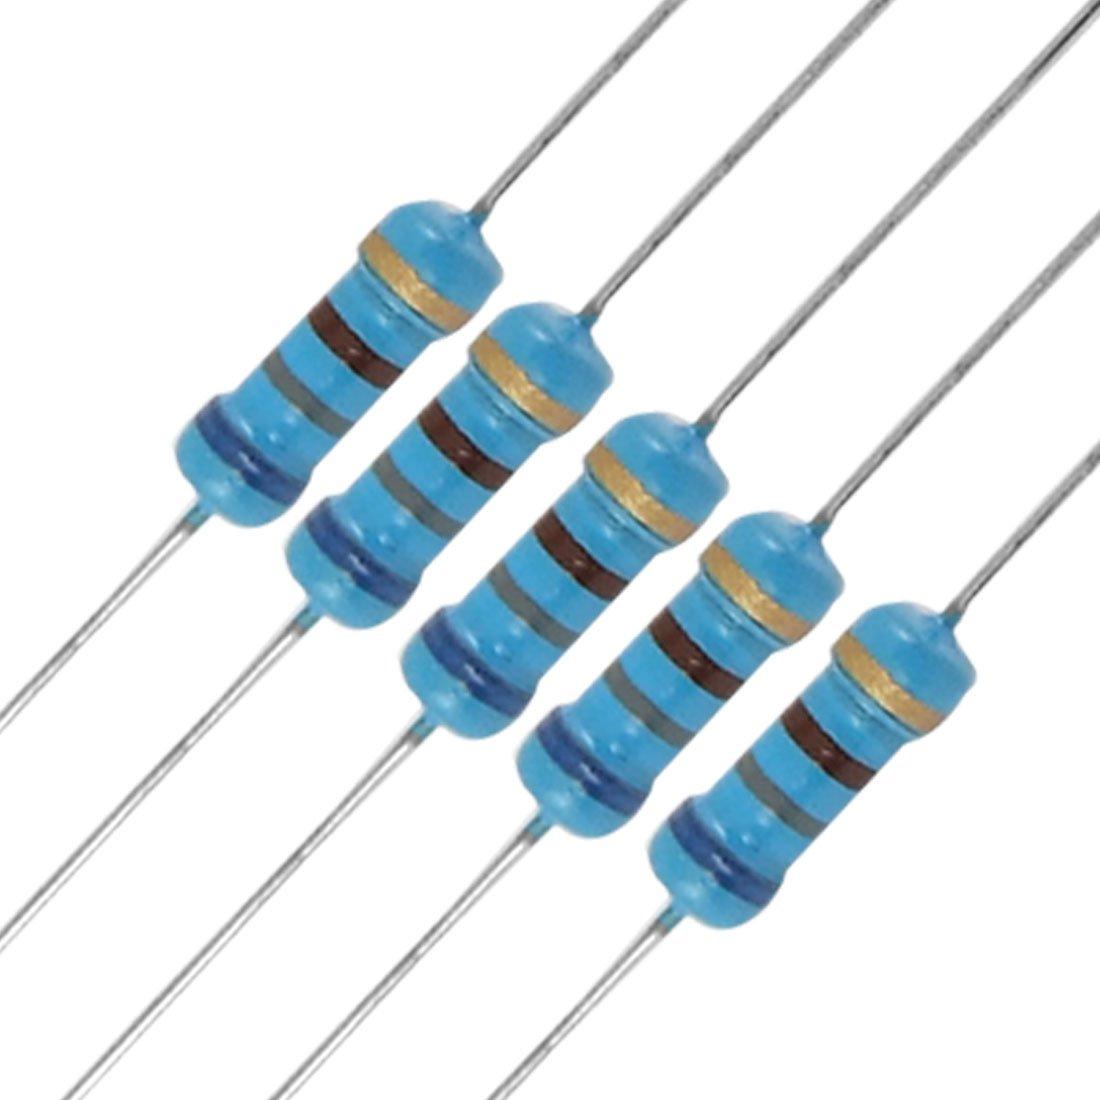 20 x 1/2W Watt 680 ohm 680R Carbon Film Resistor 0.5W: Amazon.co.uk ...